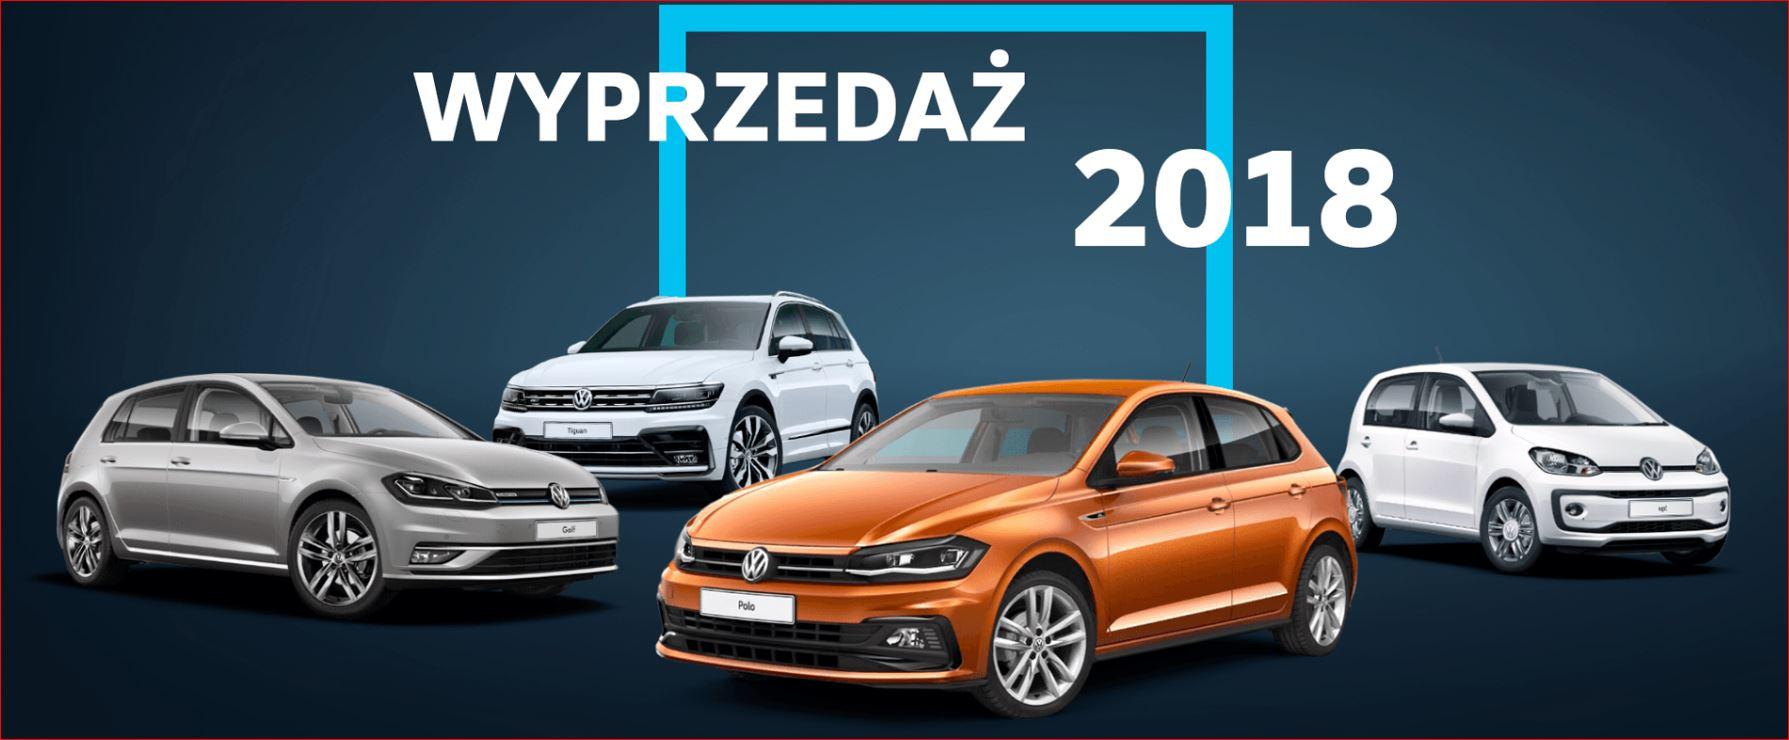 Volkswagen ogłasza wyprzedaż modeli z rocznika 2018 5